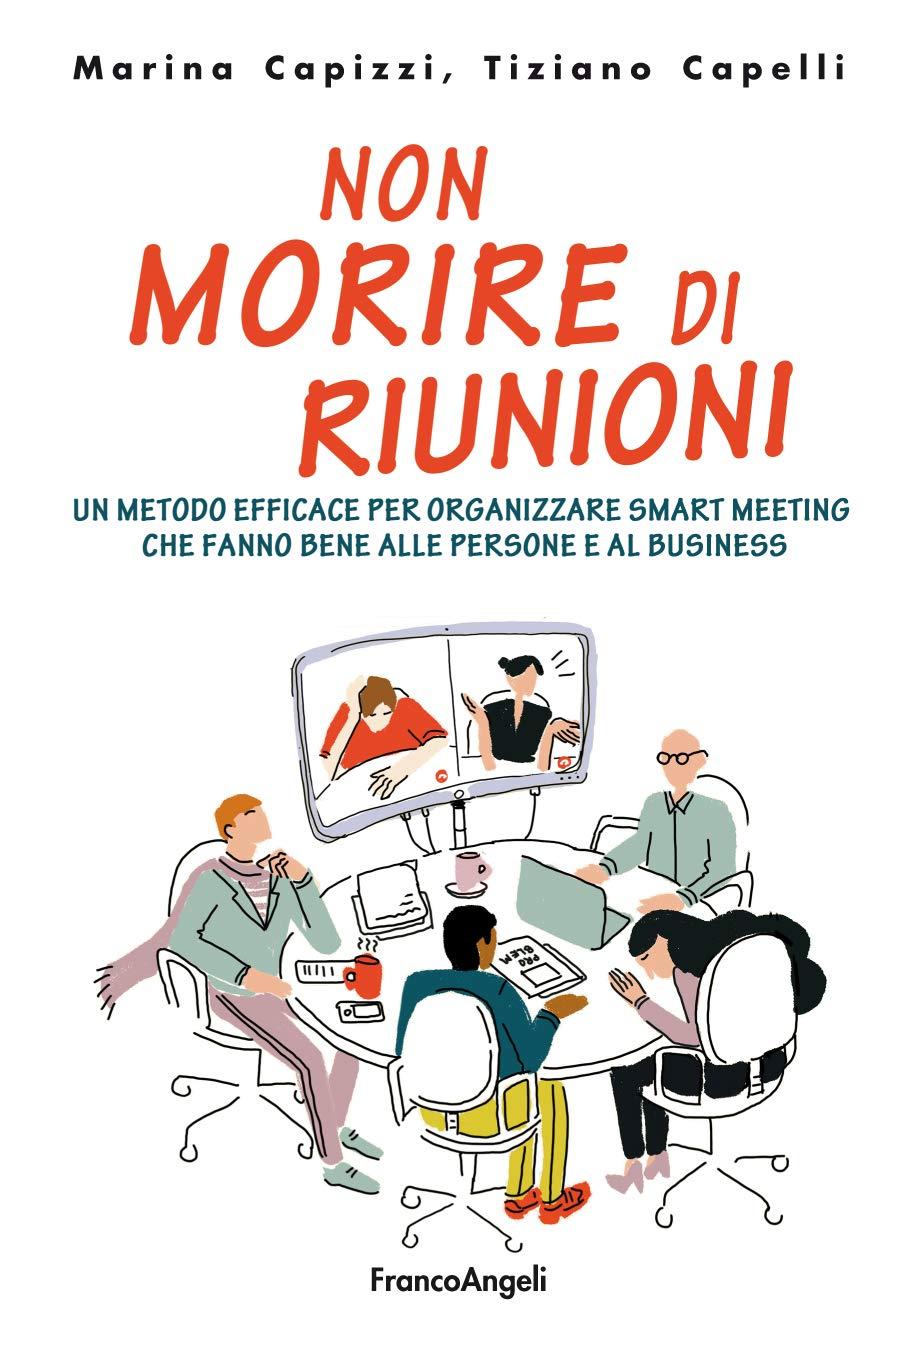 Non morire di riunioni: Un metodo efficace per organizzare smart meeting che fanno bene alle persone e al business (Italian Edition)